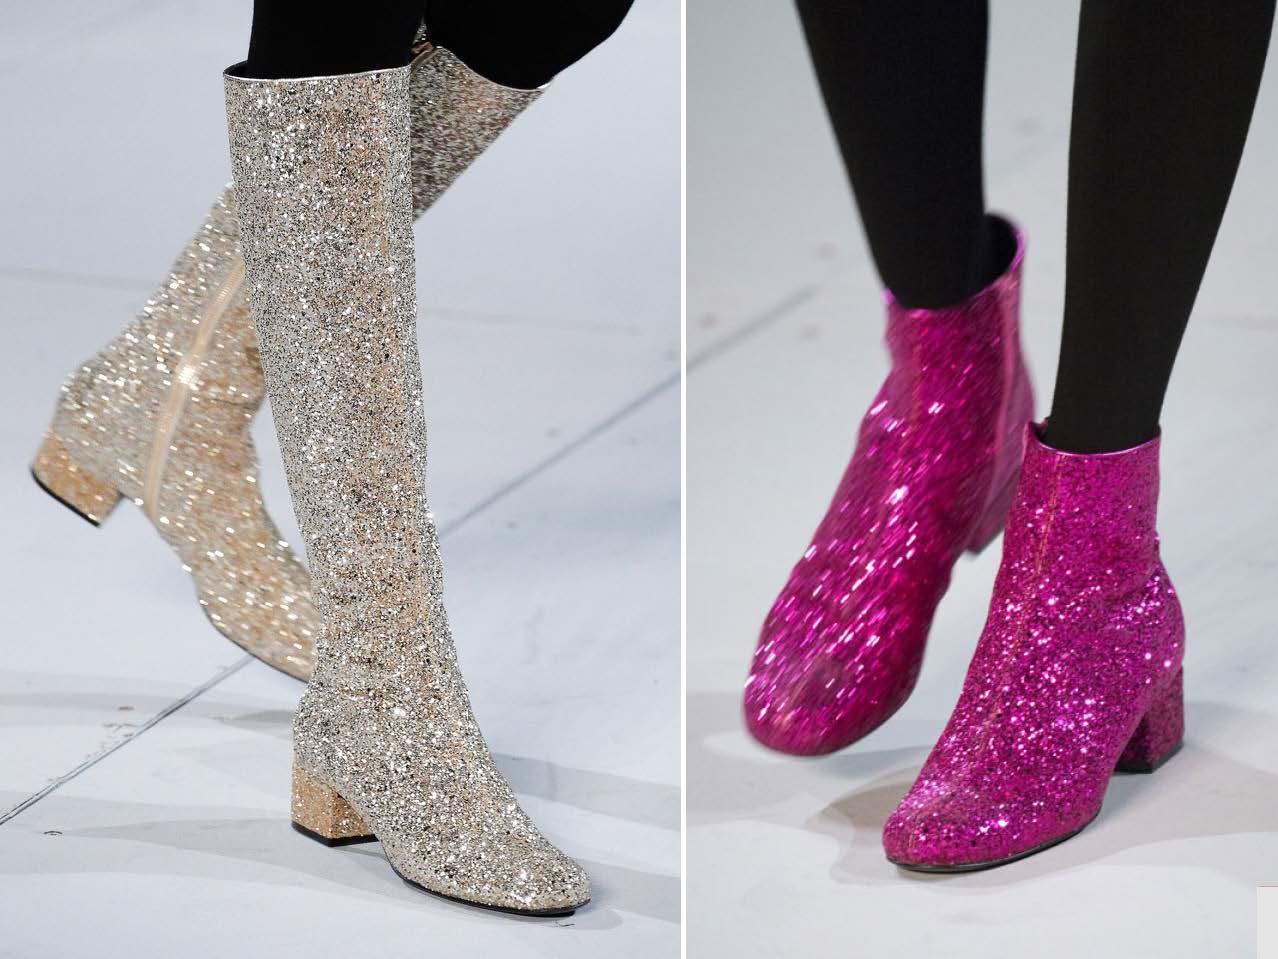 ysl-glitter-boots